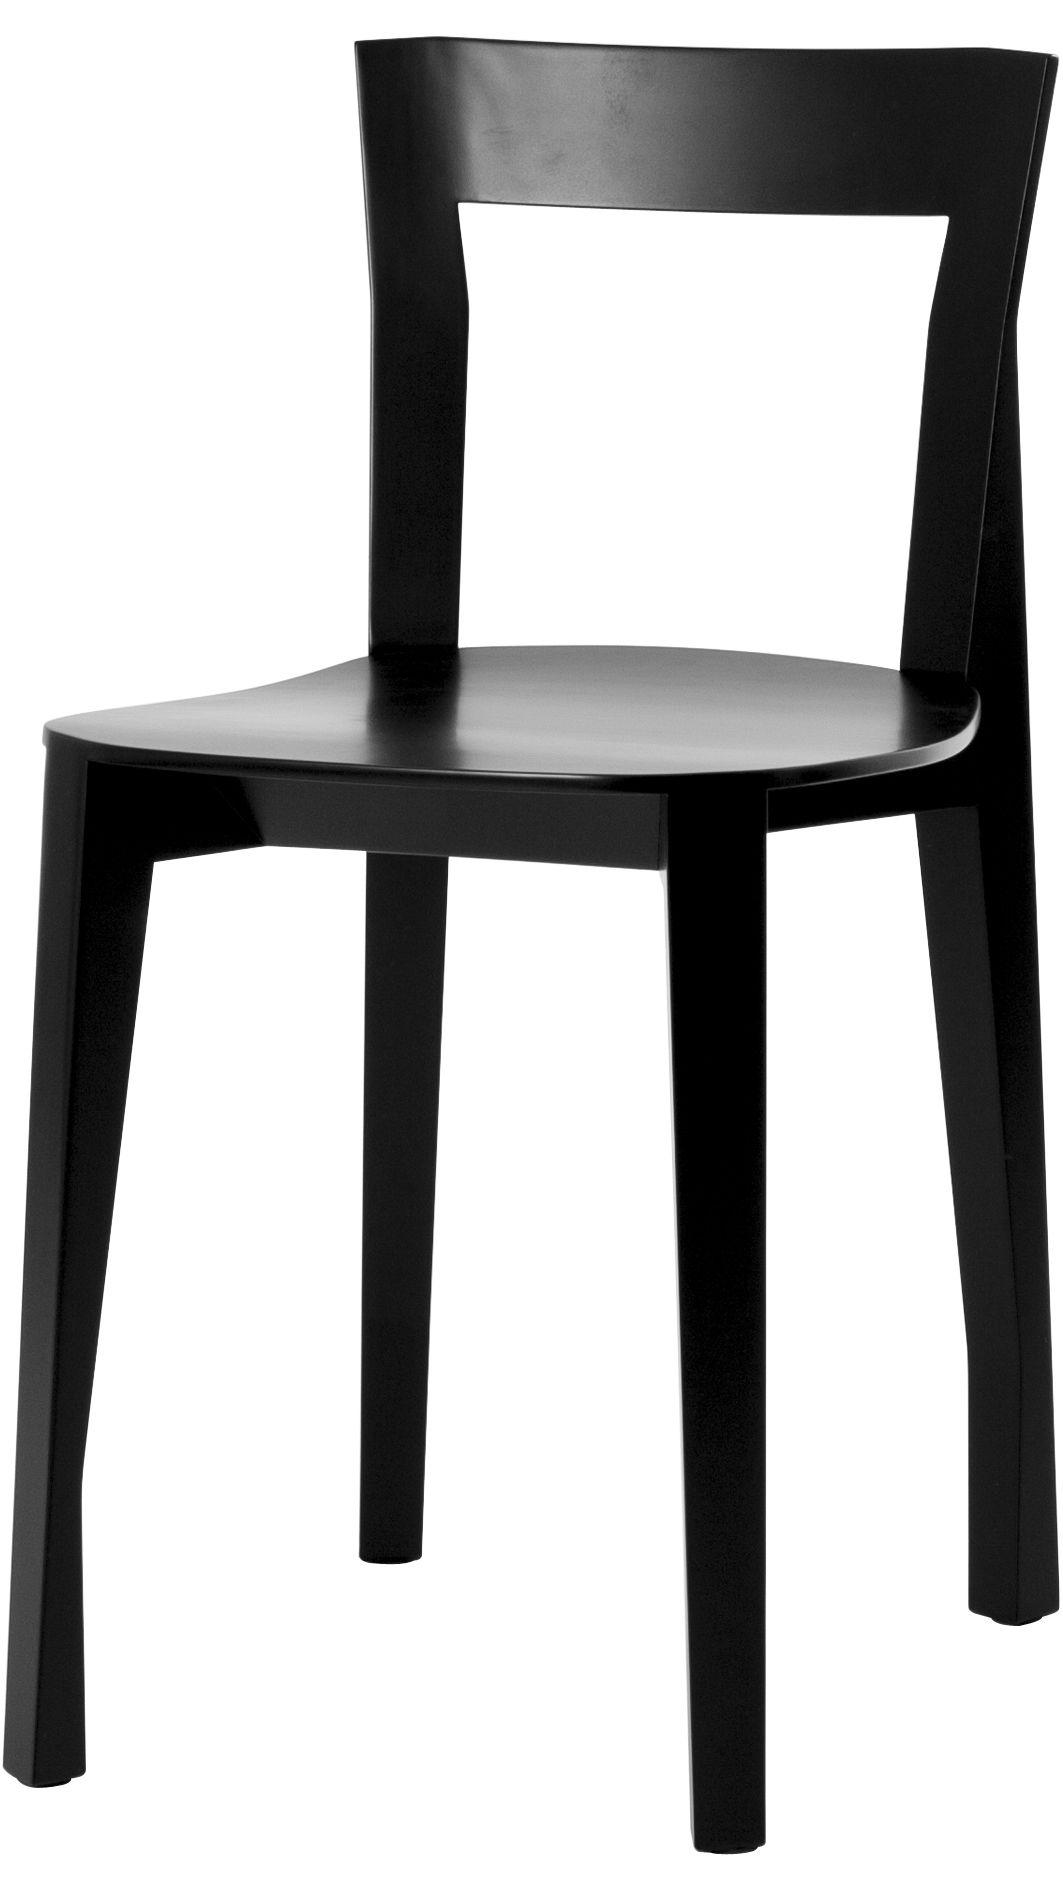 Mobilier - Chaises, fauteuils de salle à manger - Chaise Quadrille / Bois - Moustache - Noir - Contreplaqué de frêne, Frêne massif